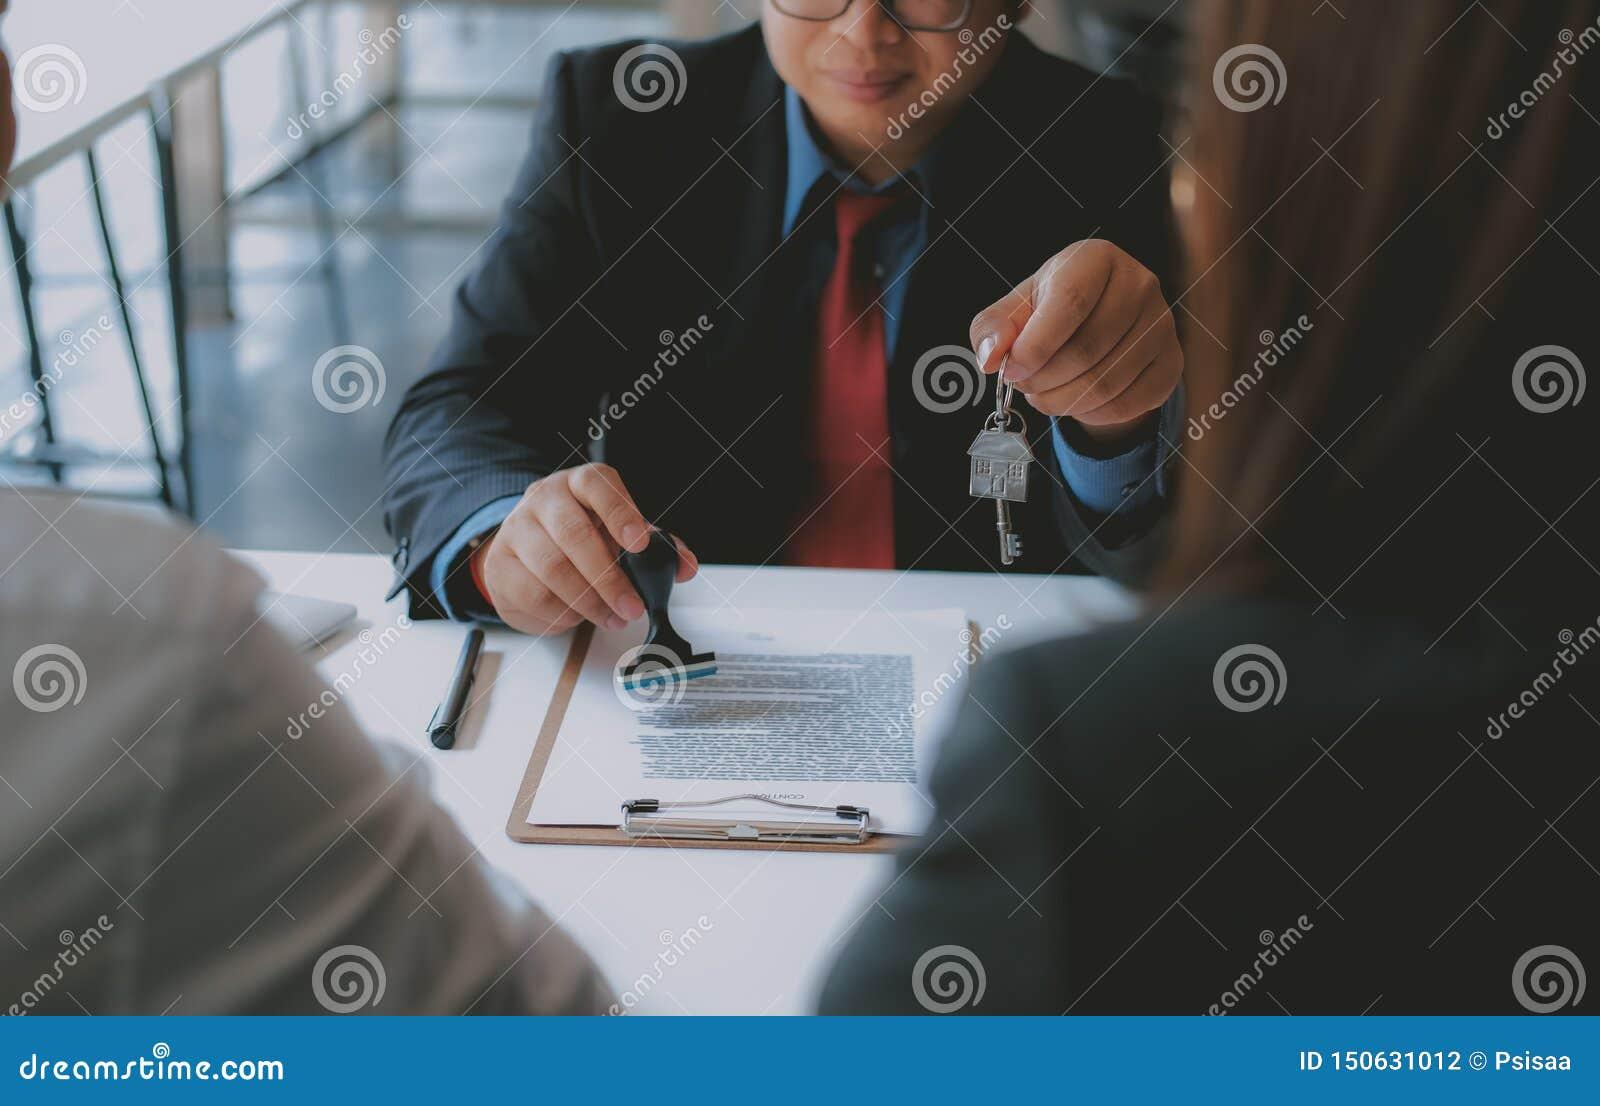 Страховой брокер юриста советуя с дающ юридический совет клиенту пар о покупая арендуя доме финансовый советник с